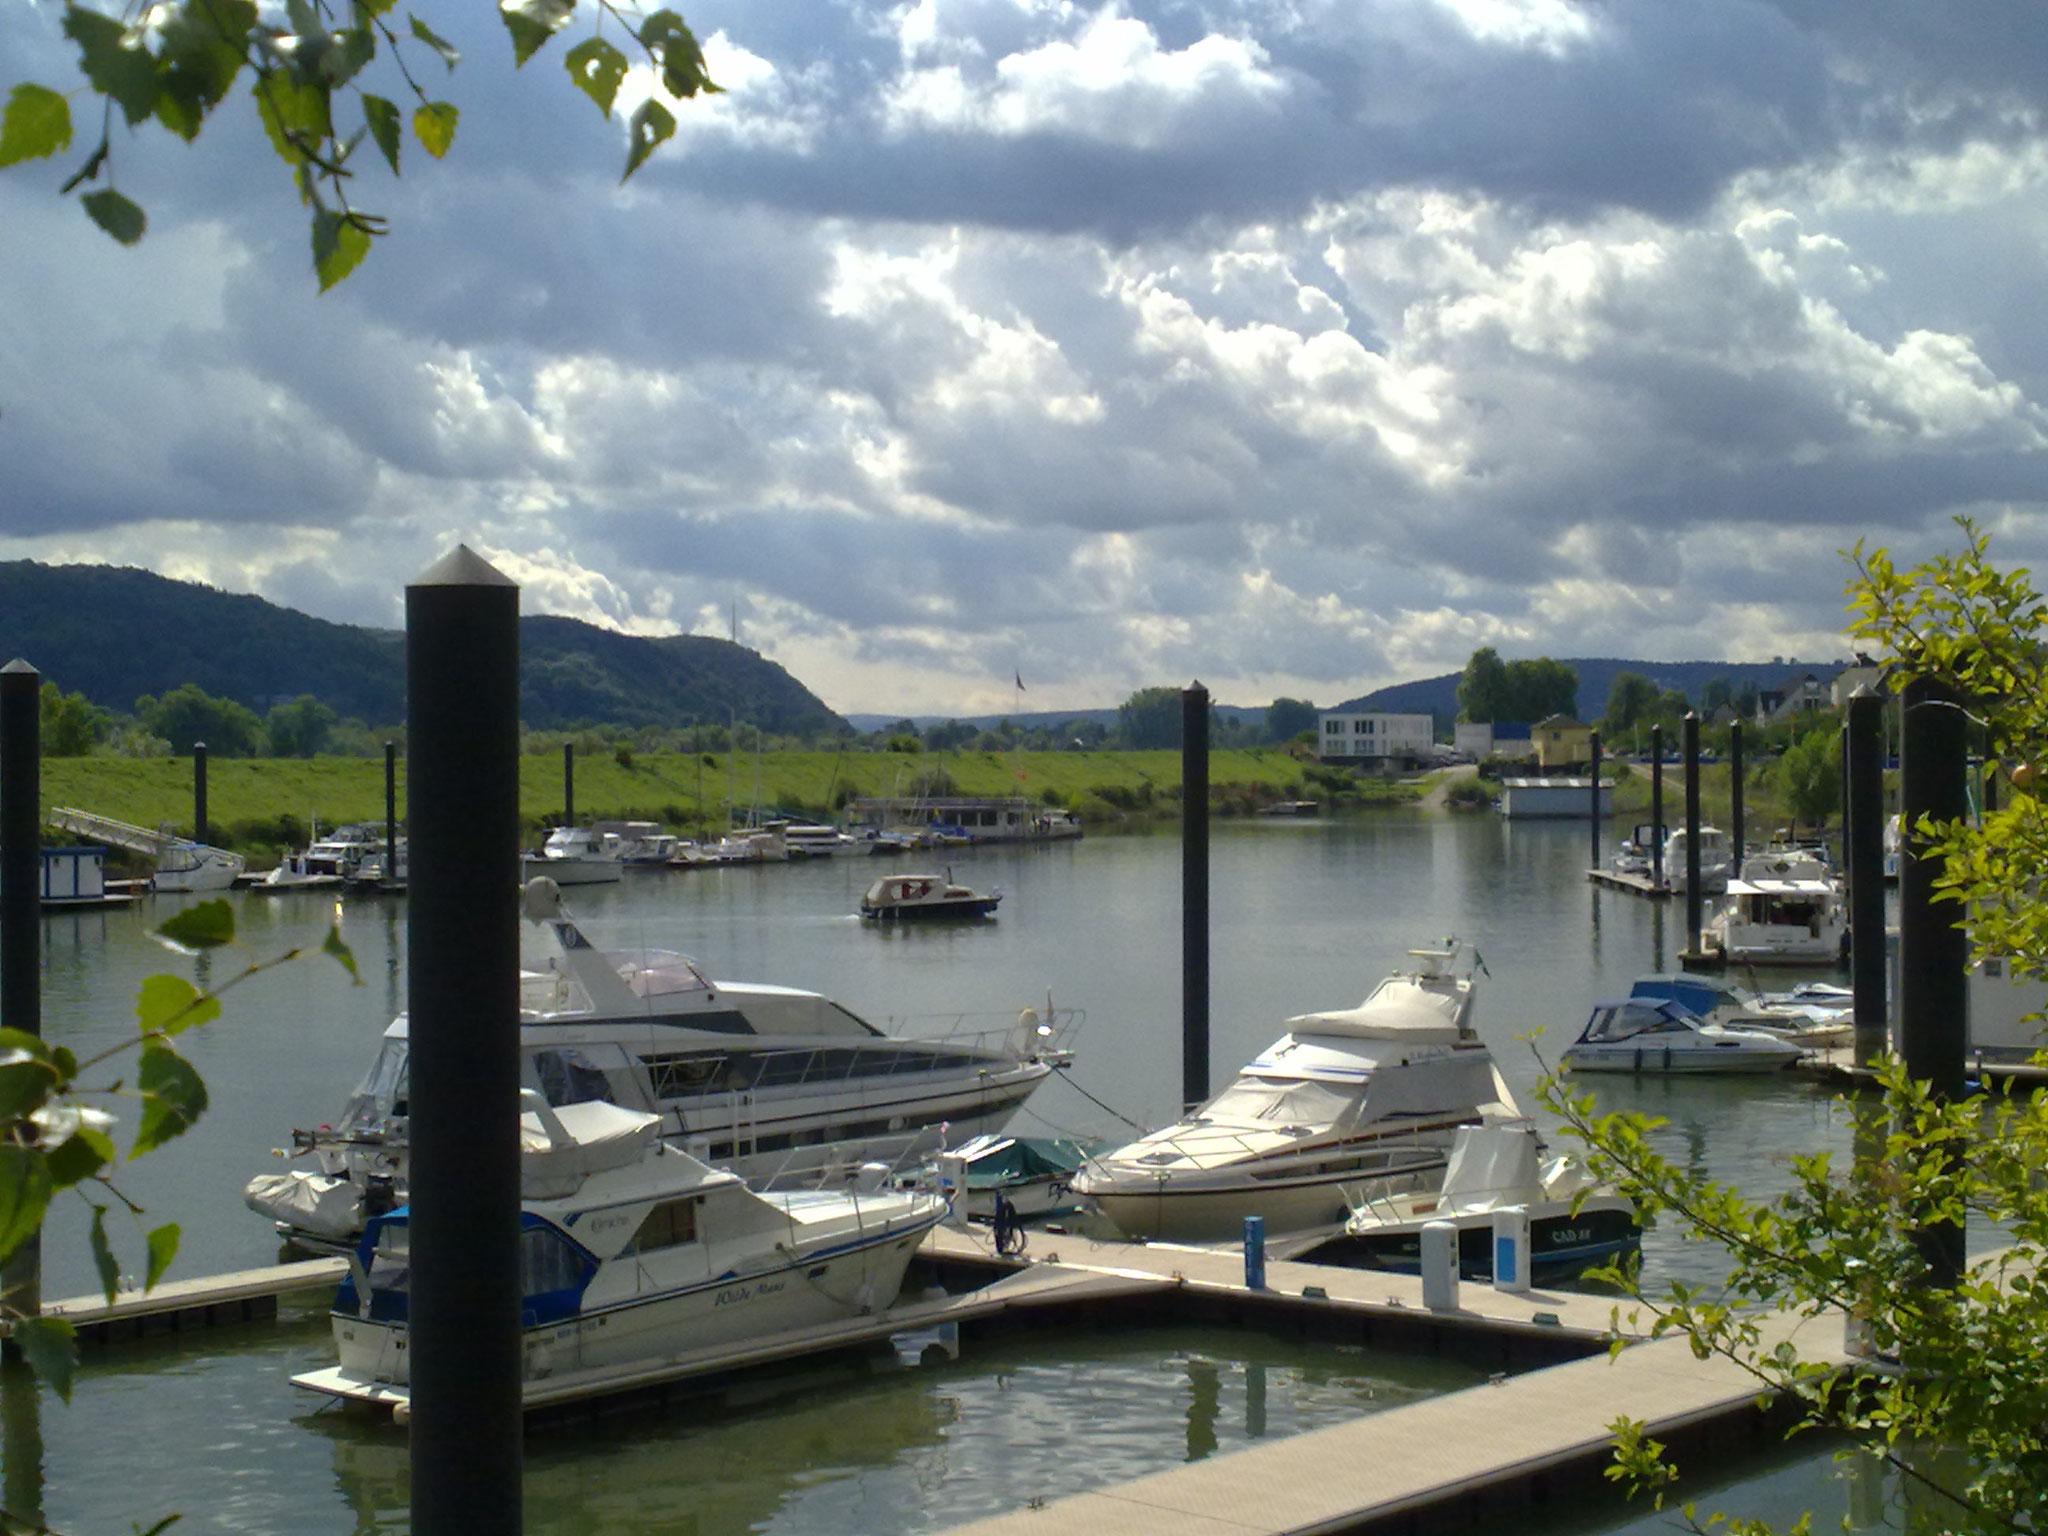 Yachthafen Oberwinter